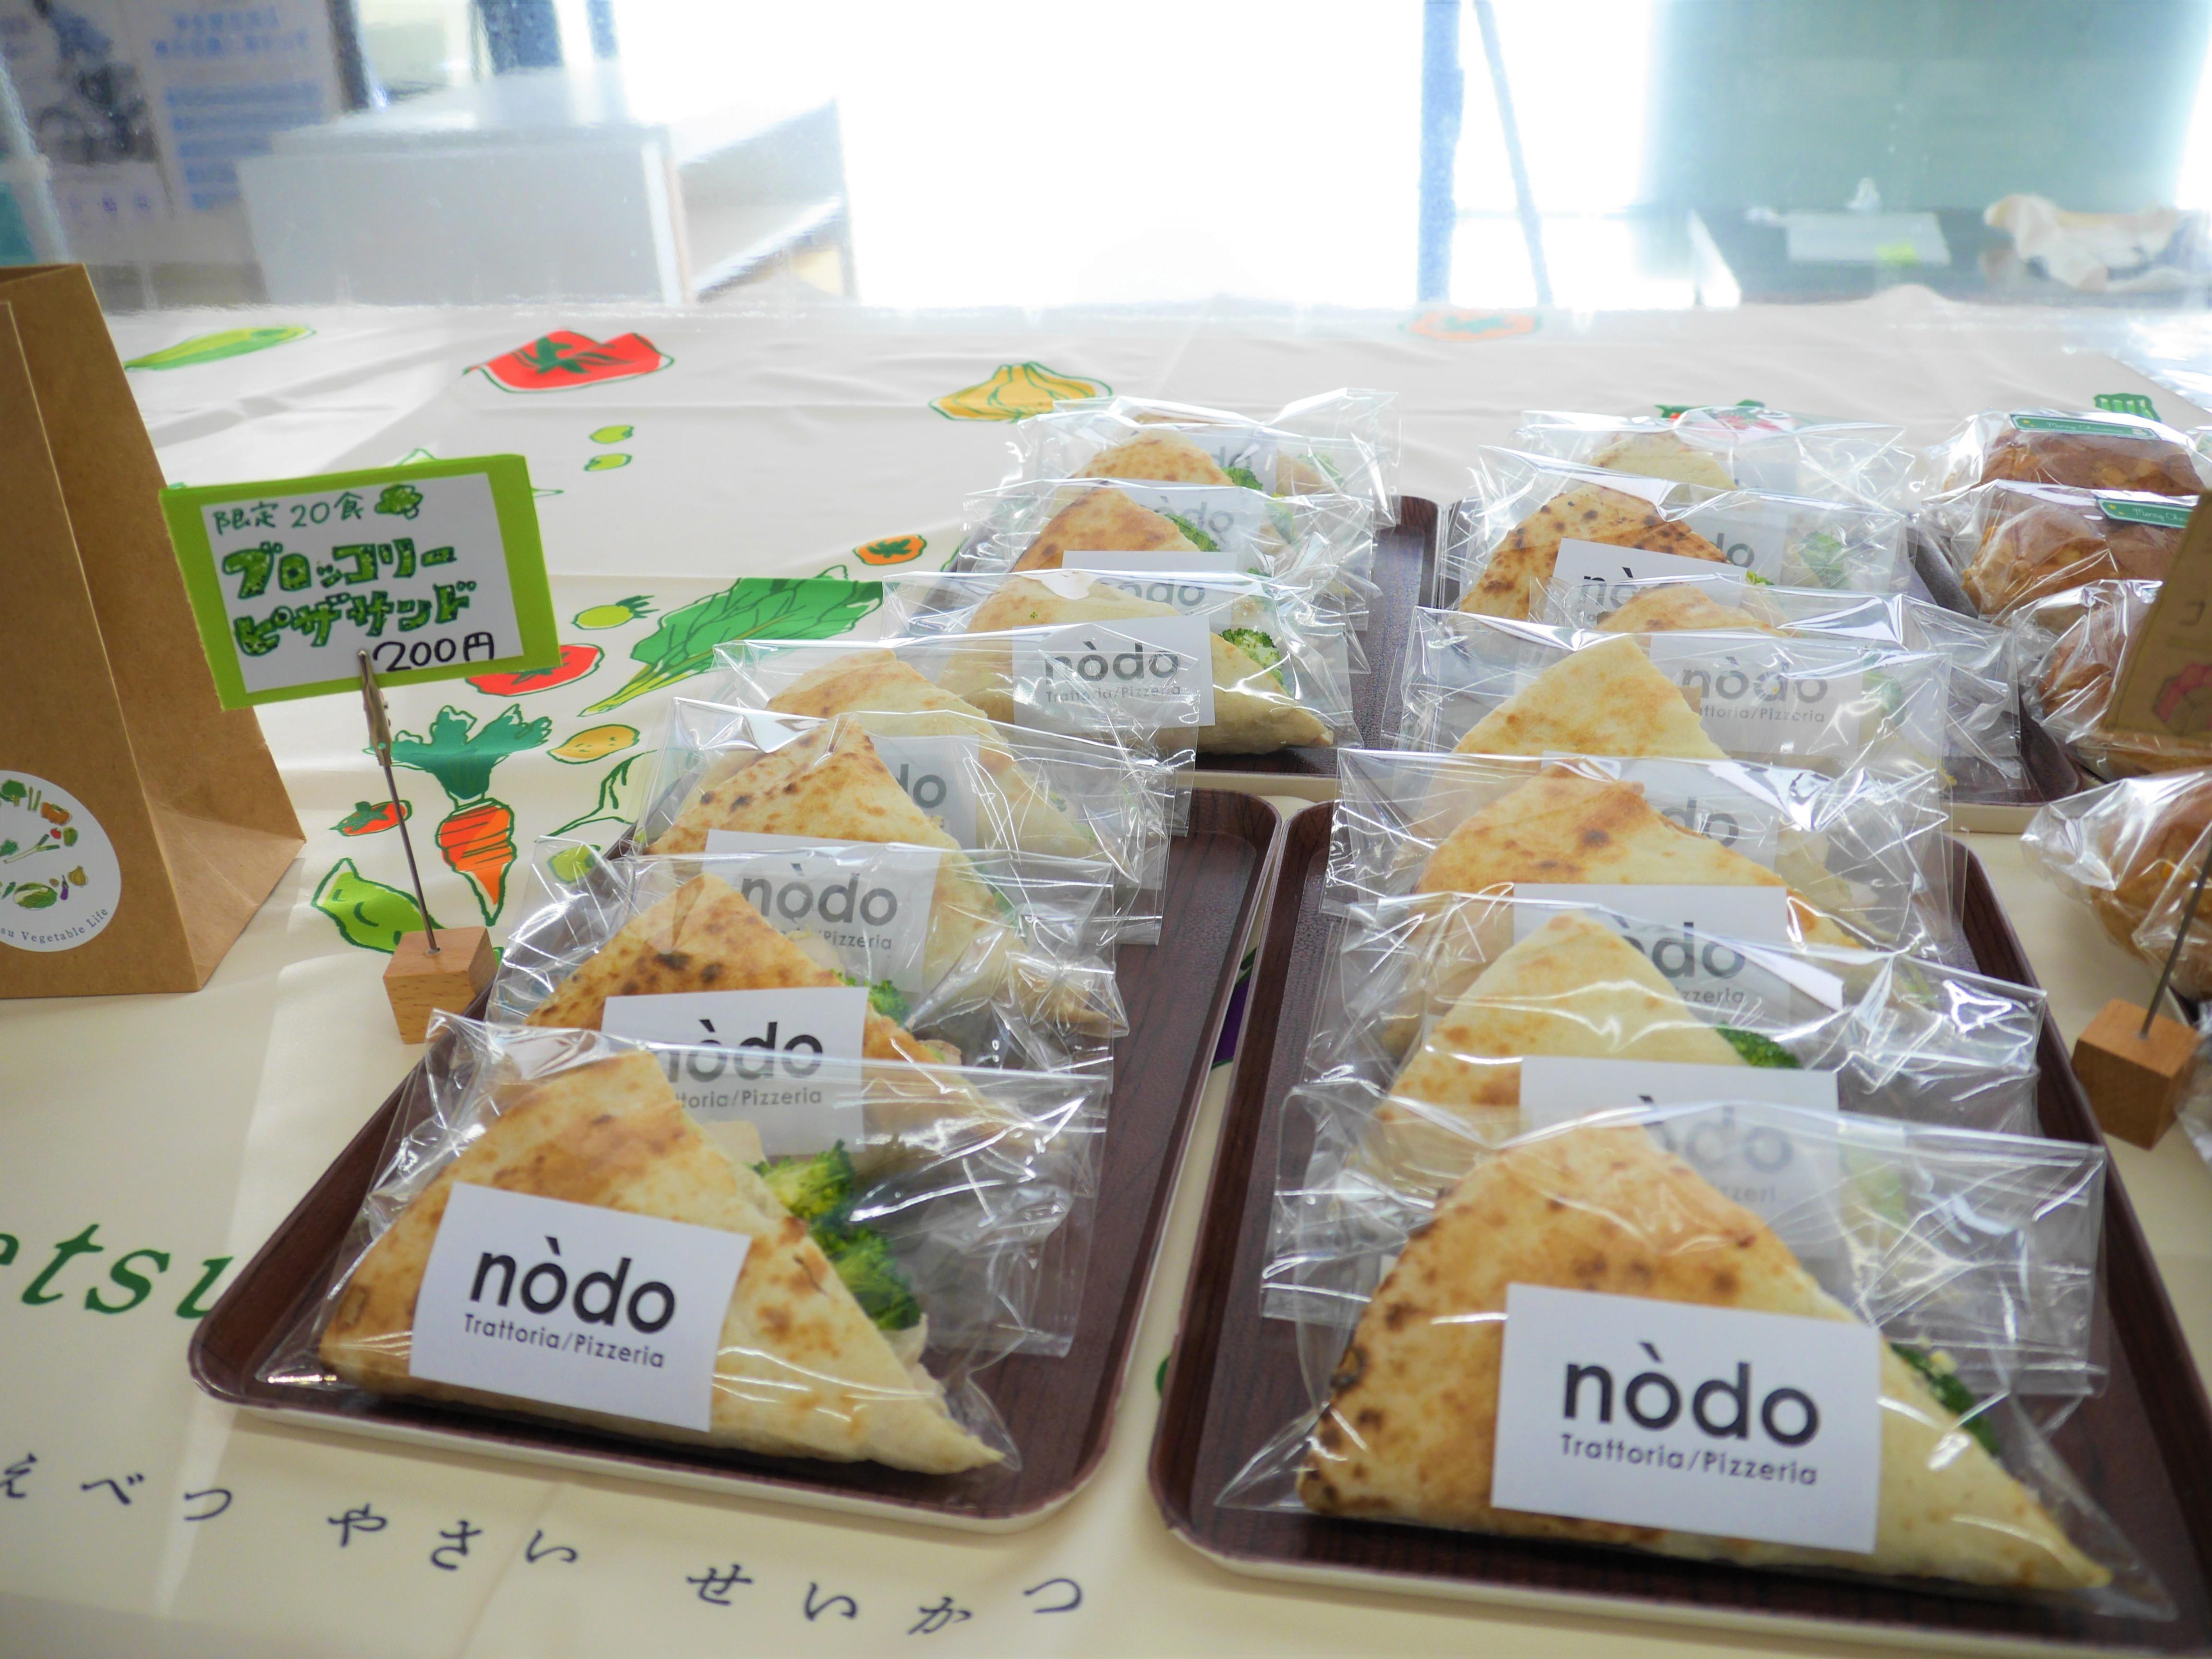 酪農学園大学が「EBETSU VEGETABLE FAIR vol.2」を開催 -- 江別市内の飲食店3店舗とのコラボ商品を販売